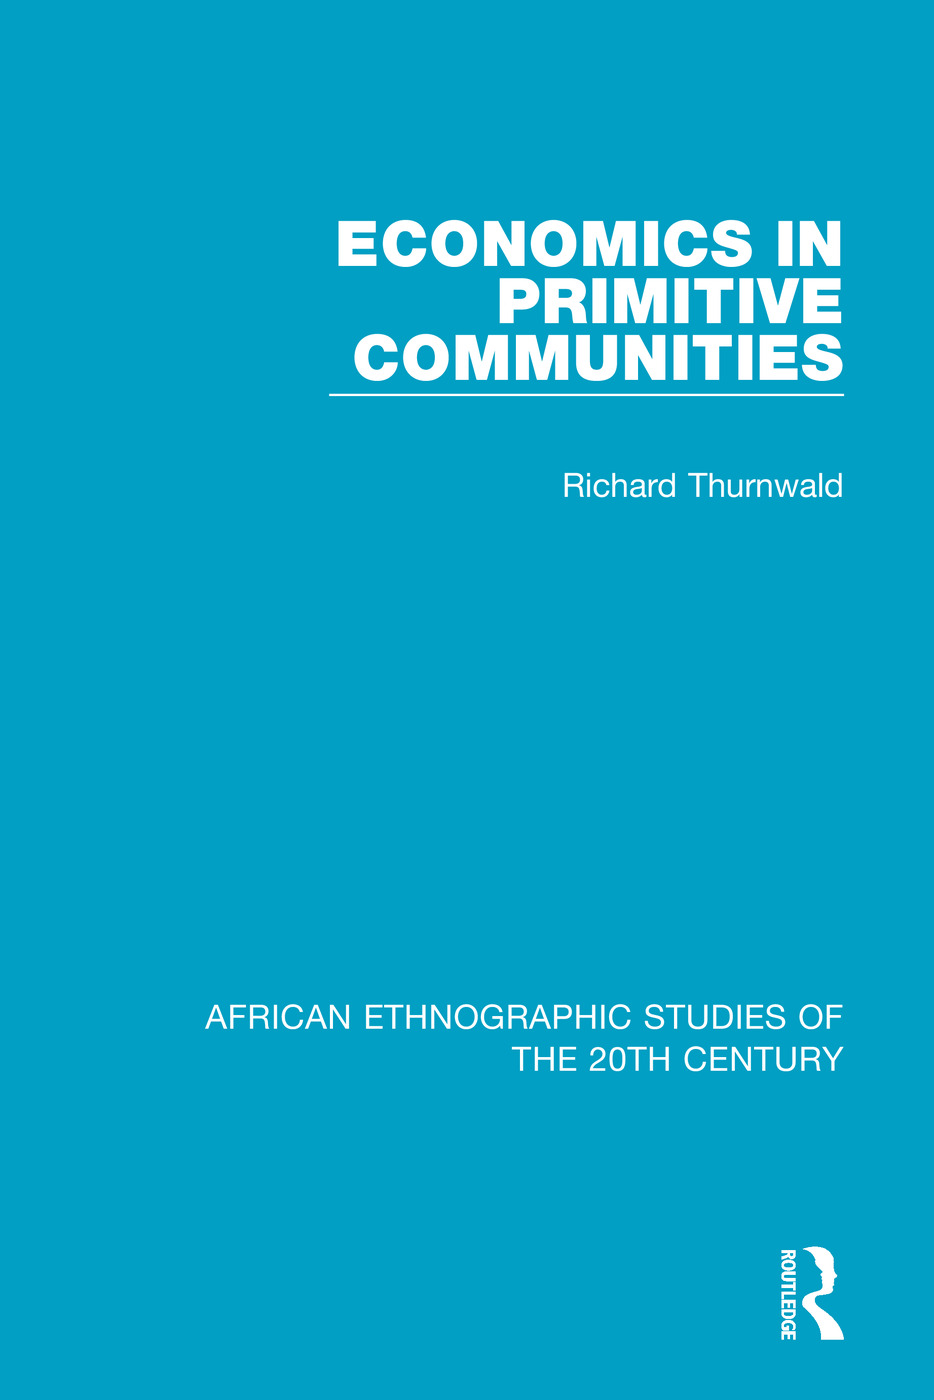 Economics in Primitive Communities